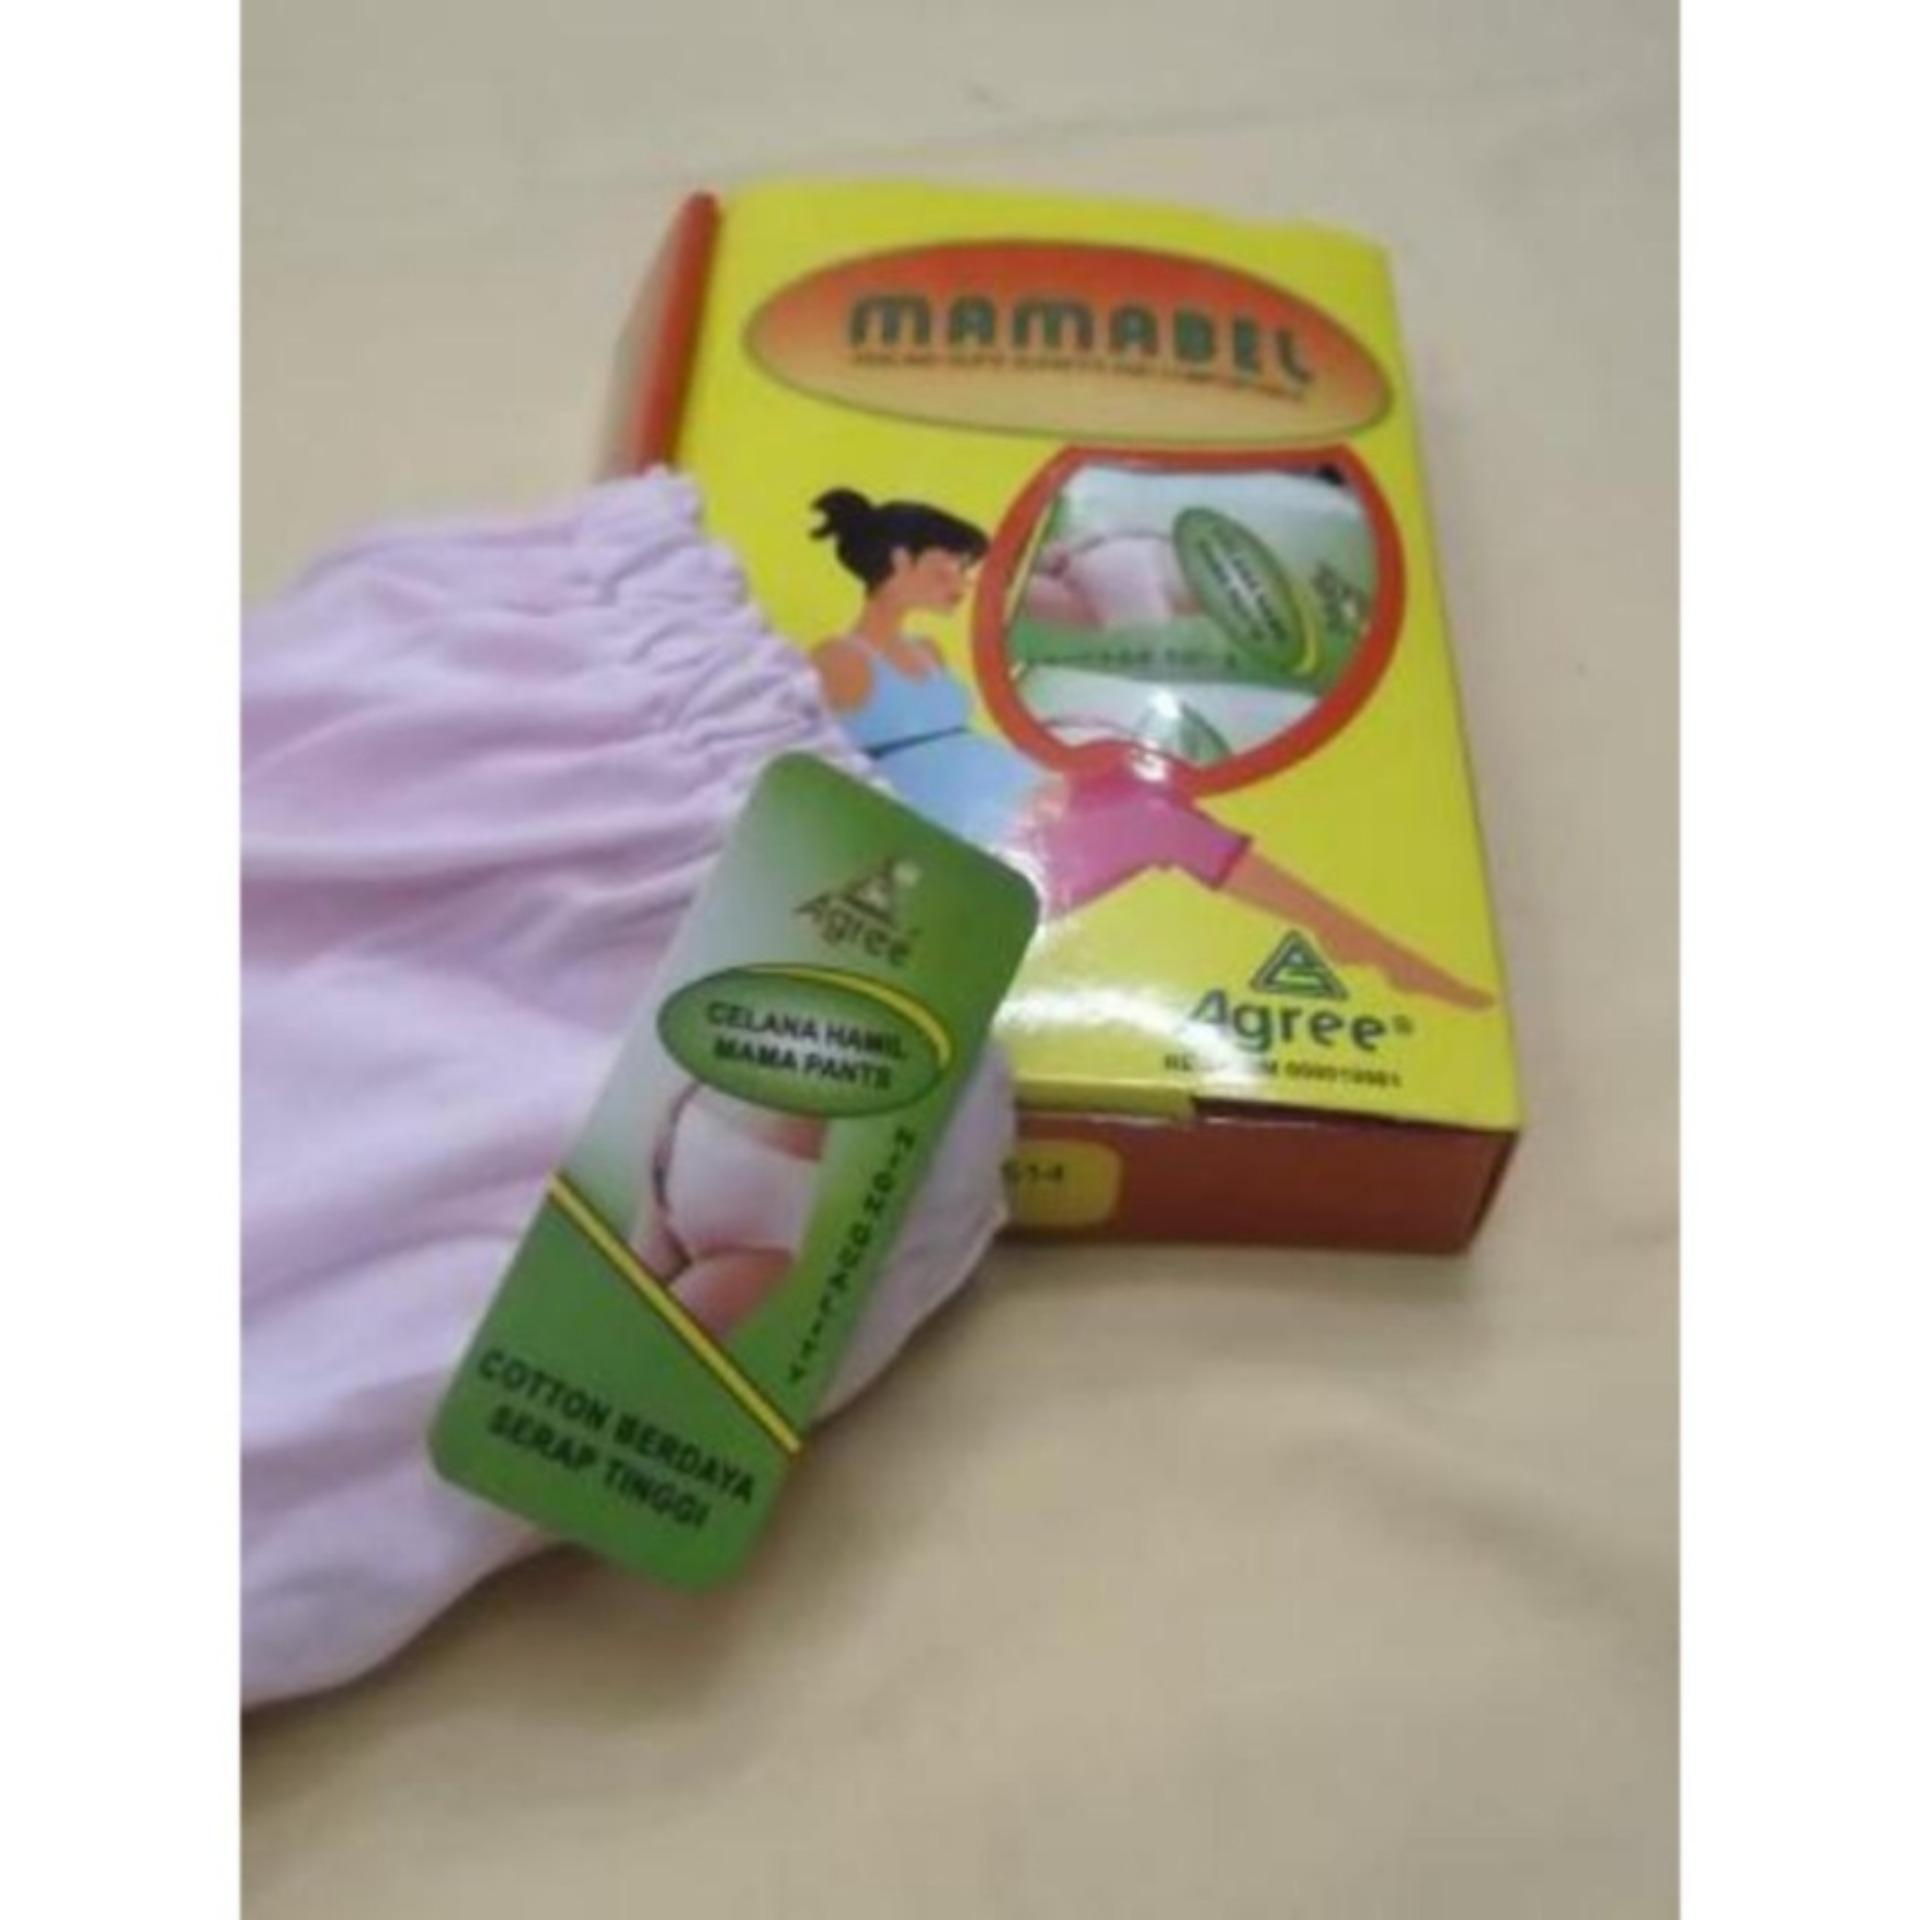 Sorex Cd Ibu Hamil Set 4 Pcs Daftar Harga Terlengkap Indonesia M0105 Celana Dalam Kaos Mamabel Isi 3 Paket Maternity Pant Panty